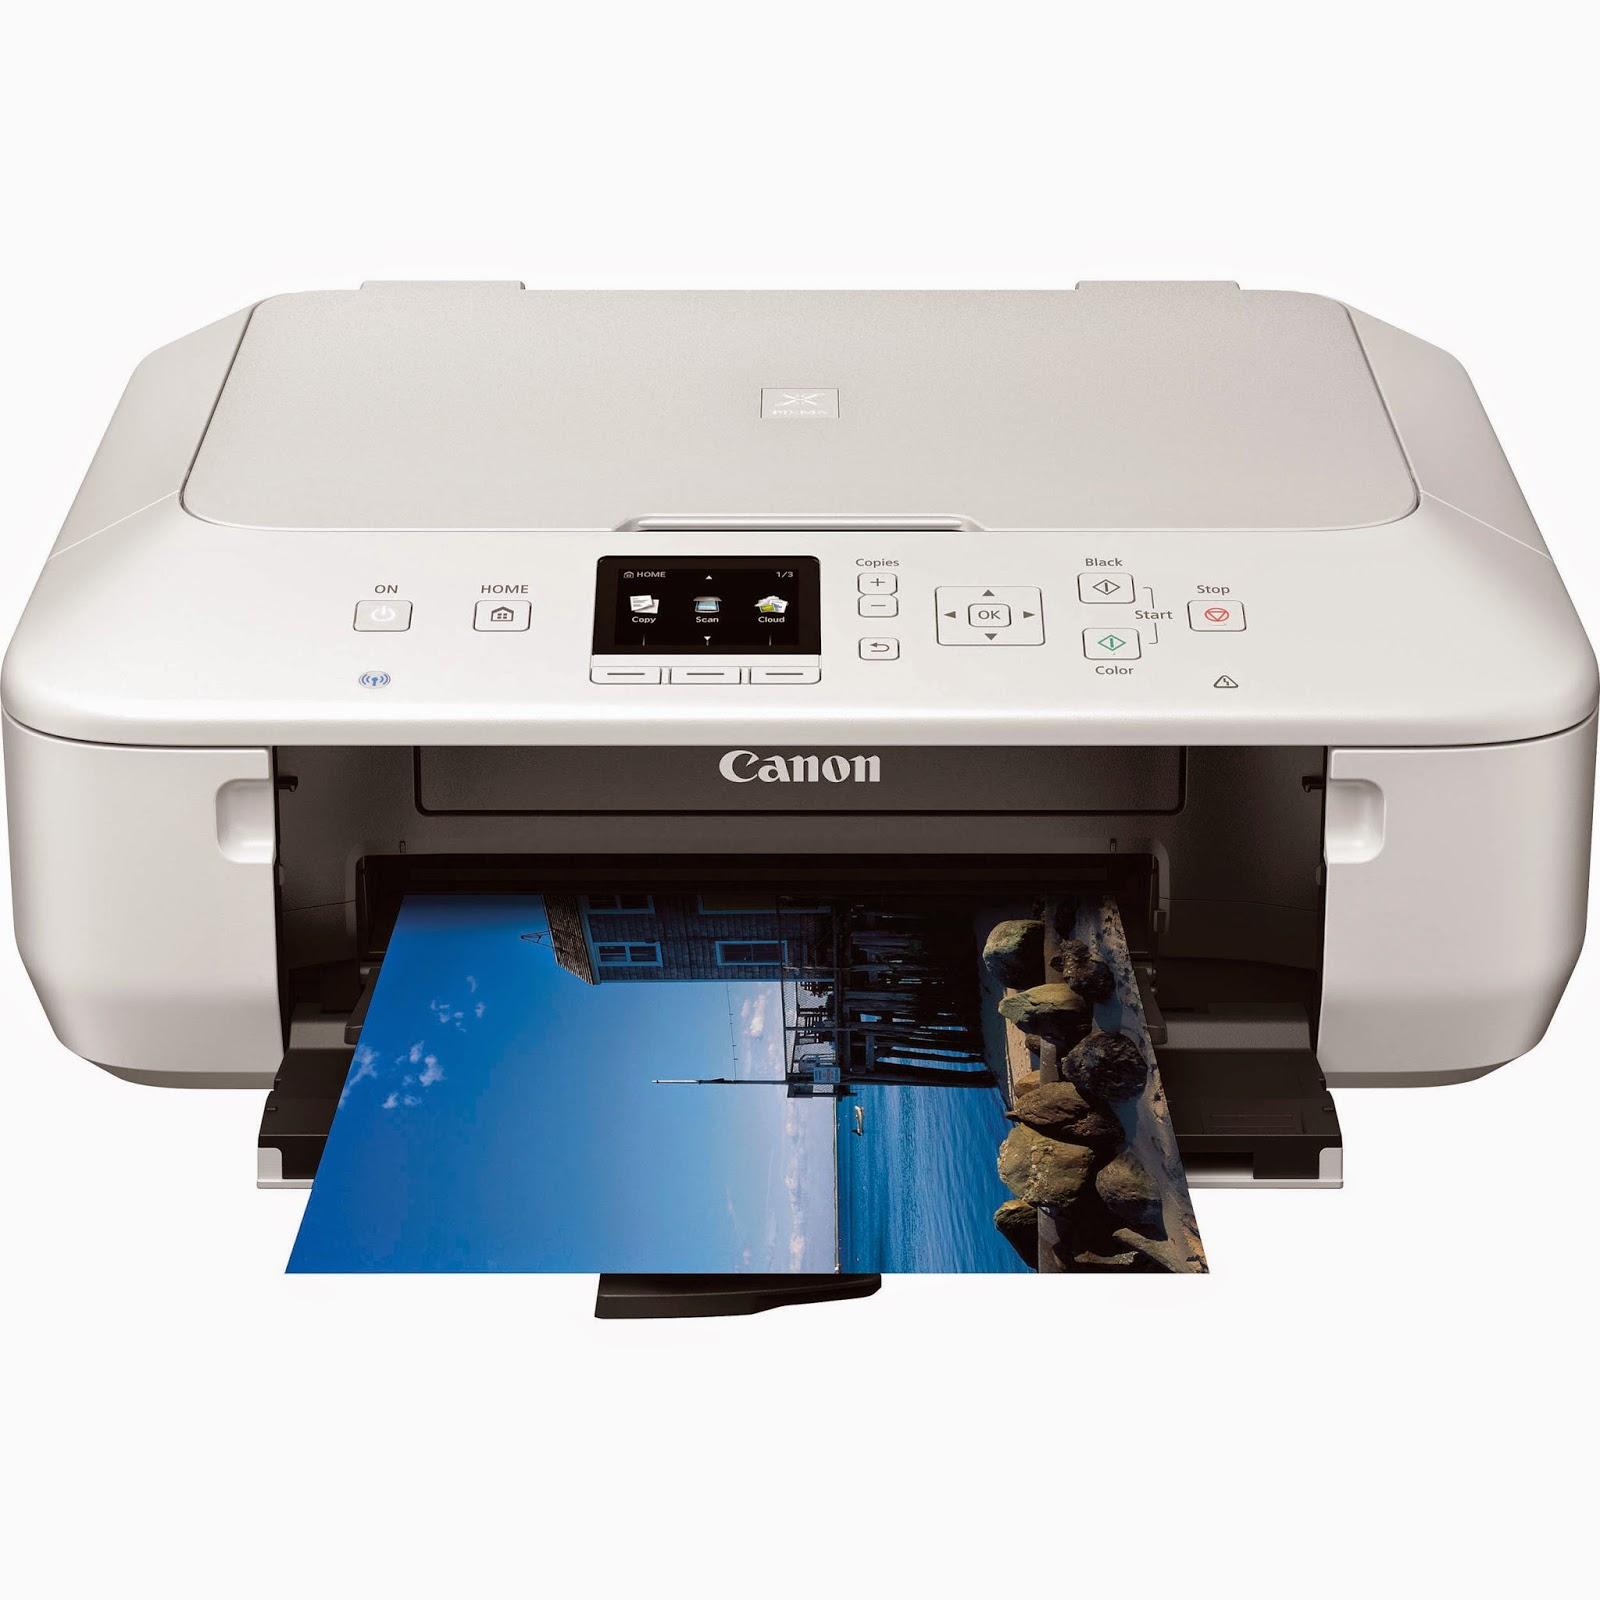 Canon Mg5620 Printer Driver Download